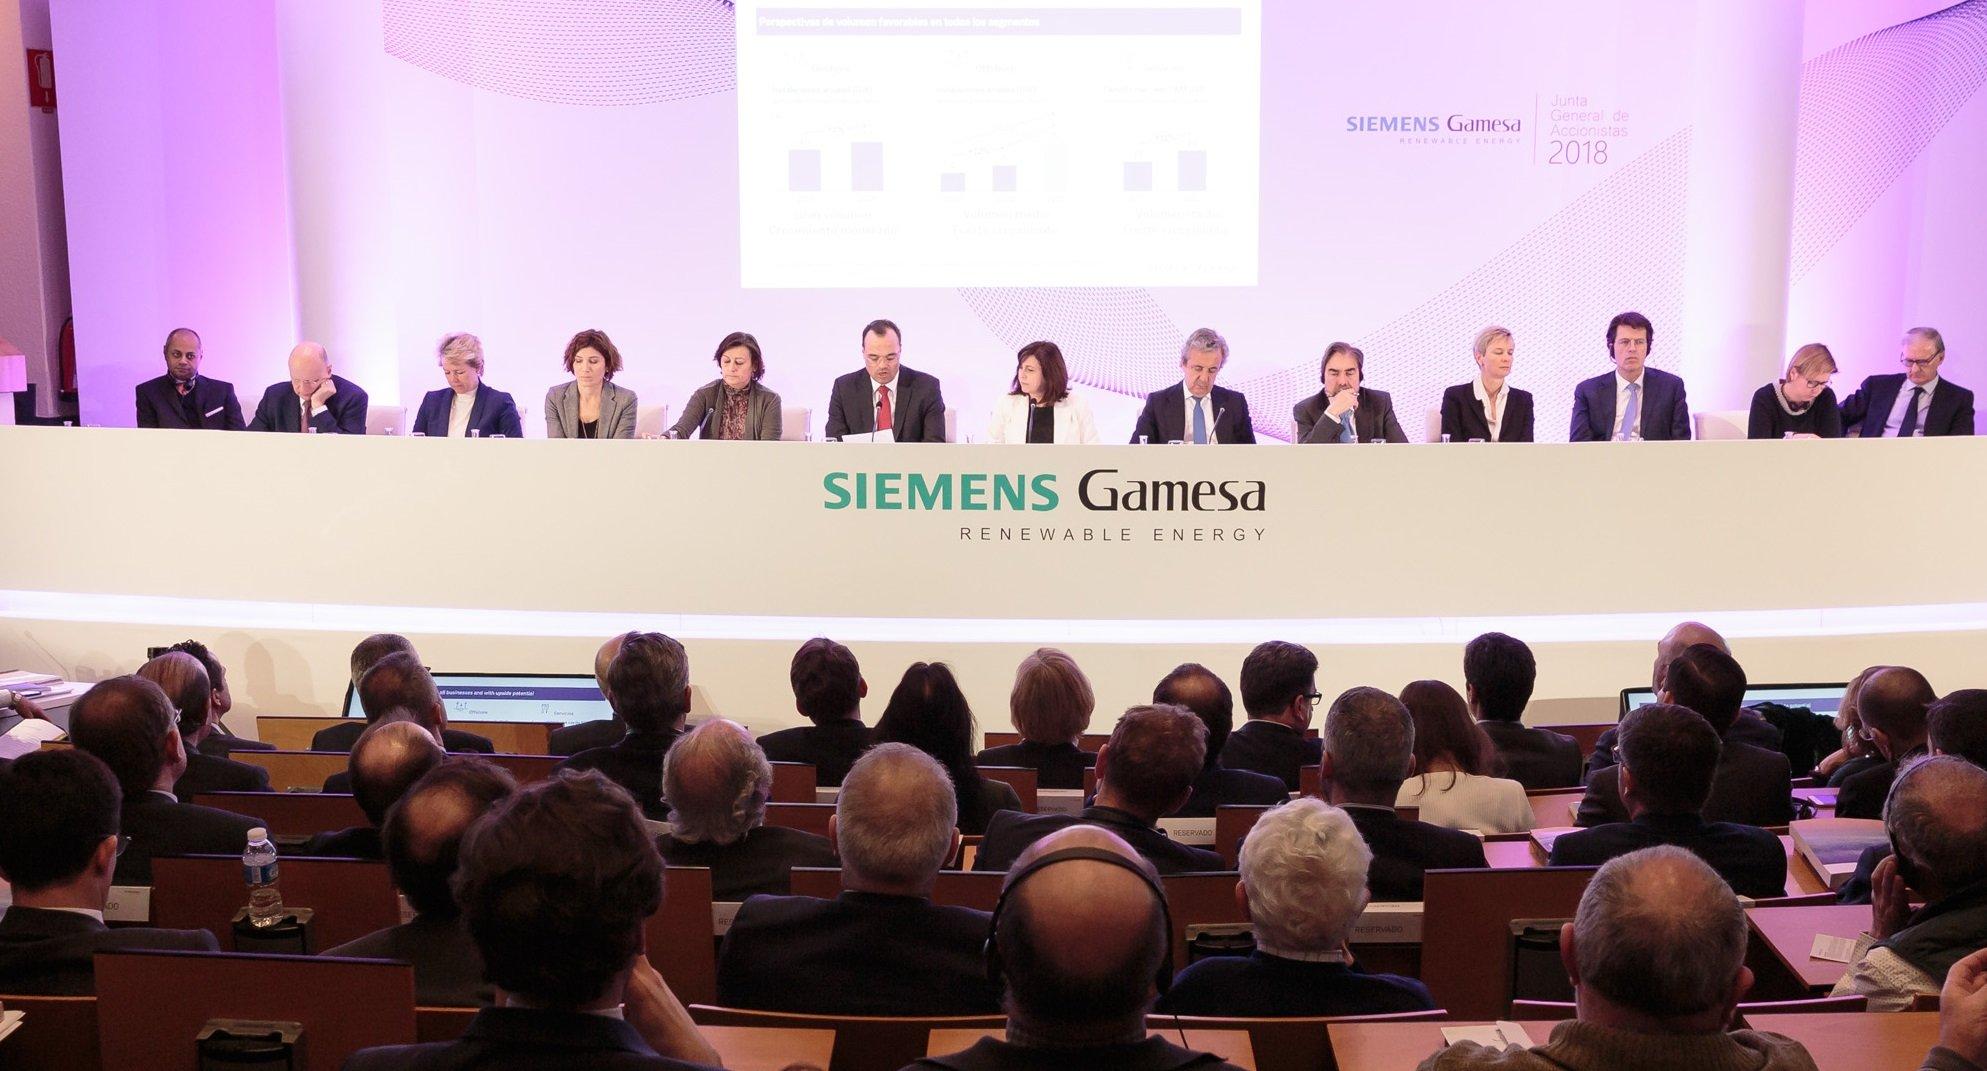 Junta de Siemens Gamesa en Zamudio (Vizcaya)